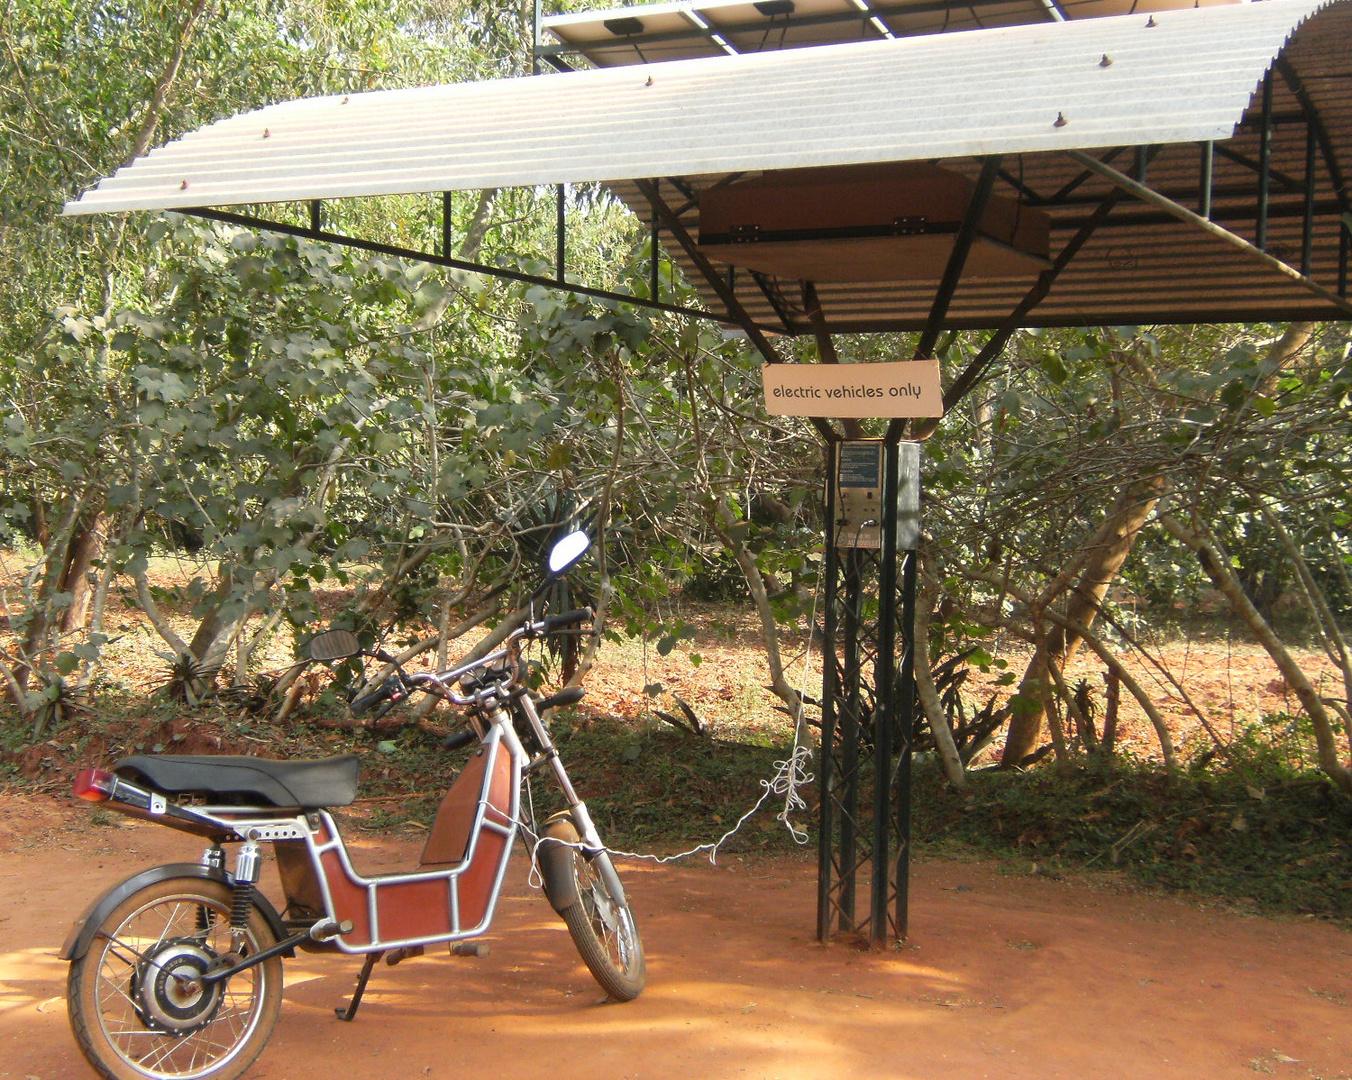 À Auroville recharger ses batteries c'est gratuit , l'eau potable aussi ...